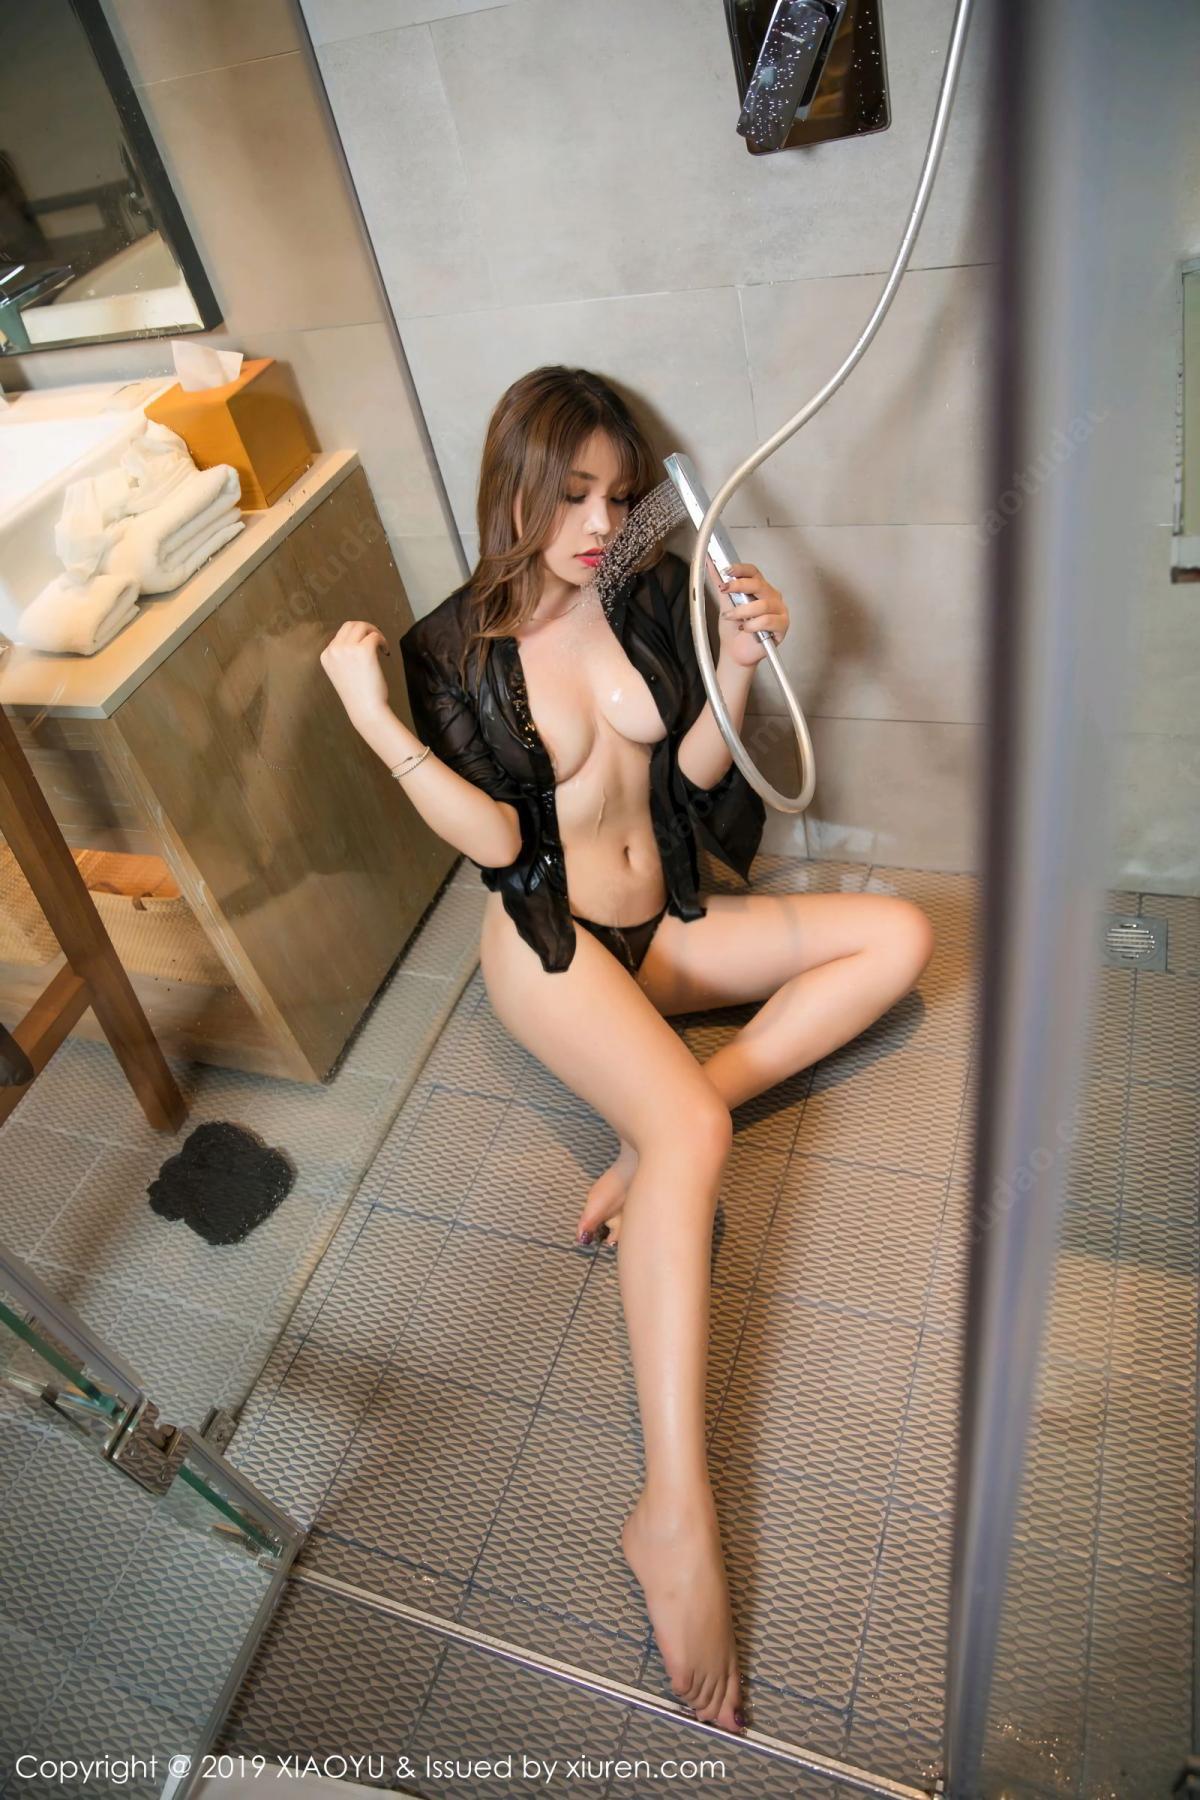 [XiaoYu] Vol.105 Chen Zhi 38P, Bathroom, Big Booty, Chen Zhi, Wet, XiaoYu